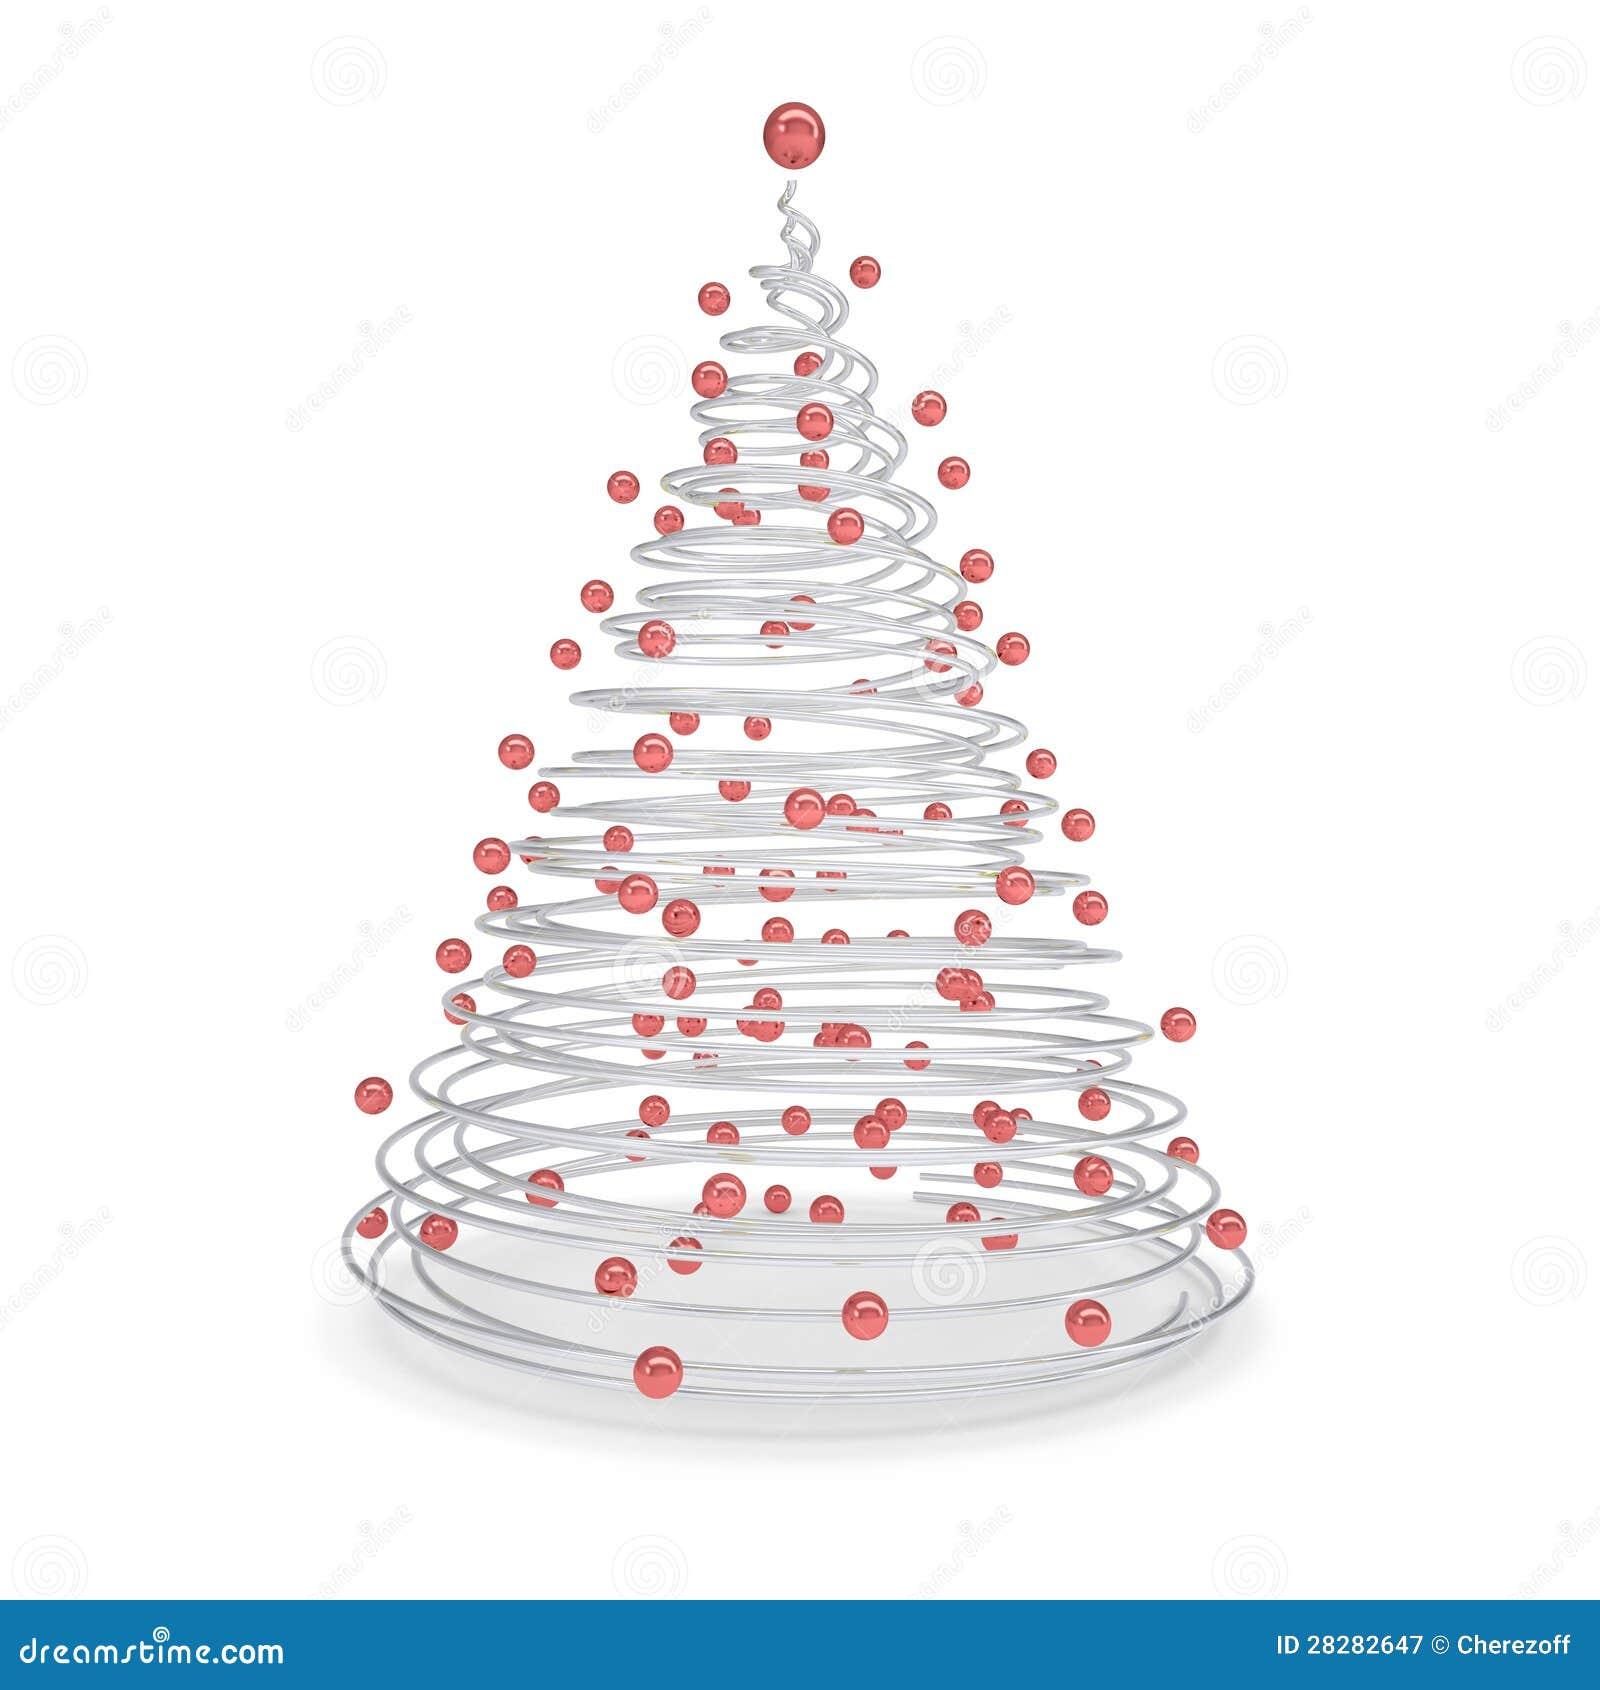 Rbol de navidad hecho de espirales del metal y de bolas rojas for Arbol de navidad con bolas rojas